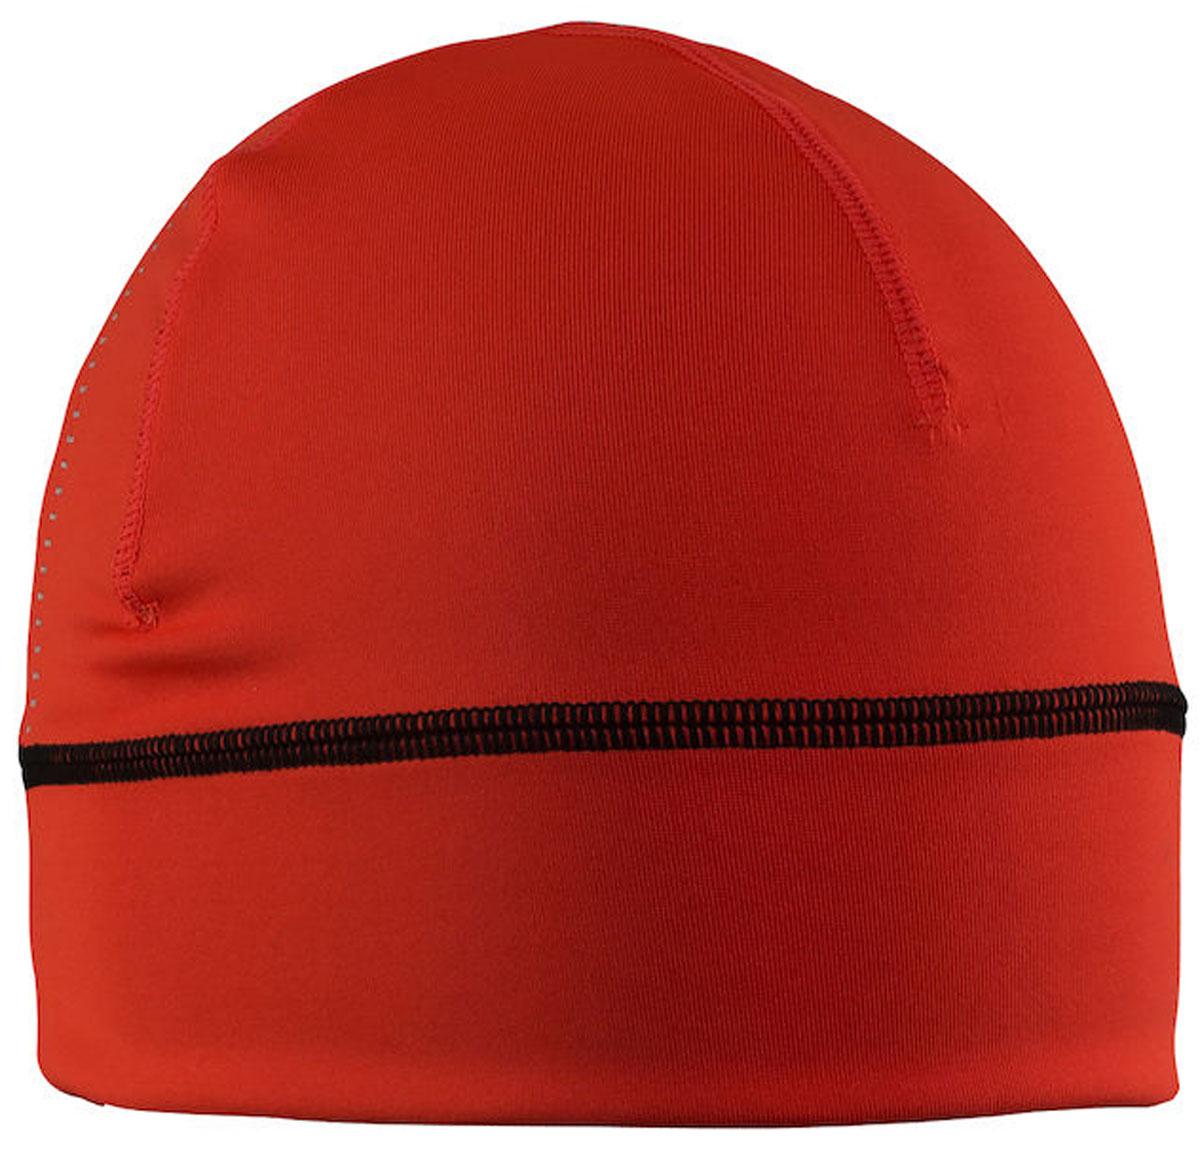 Шапка Craft Livigno, цвет: красный. 1904564/2566. Размер S/M (56)1904564/2566Легкая проветриваемая шапка Livigno от Craft Спорт выполнена из эластичного материала. Модель отлично подойдет для активного отдыха и занятий спортом.